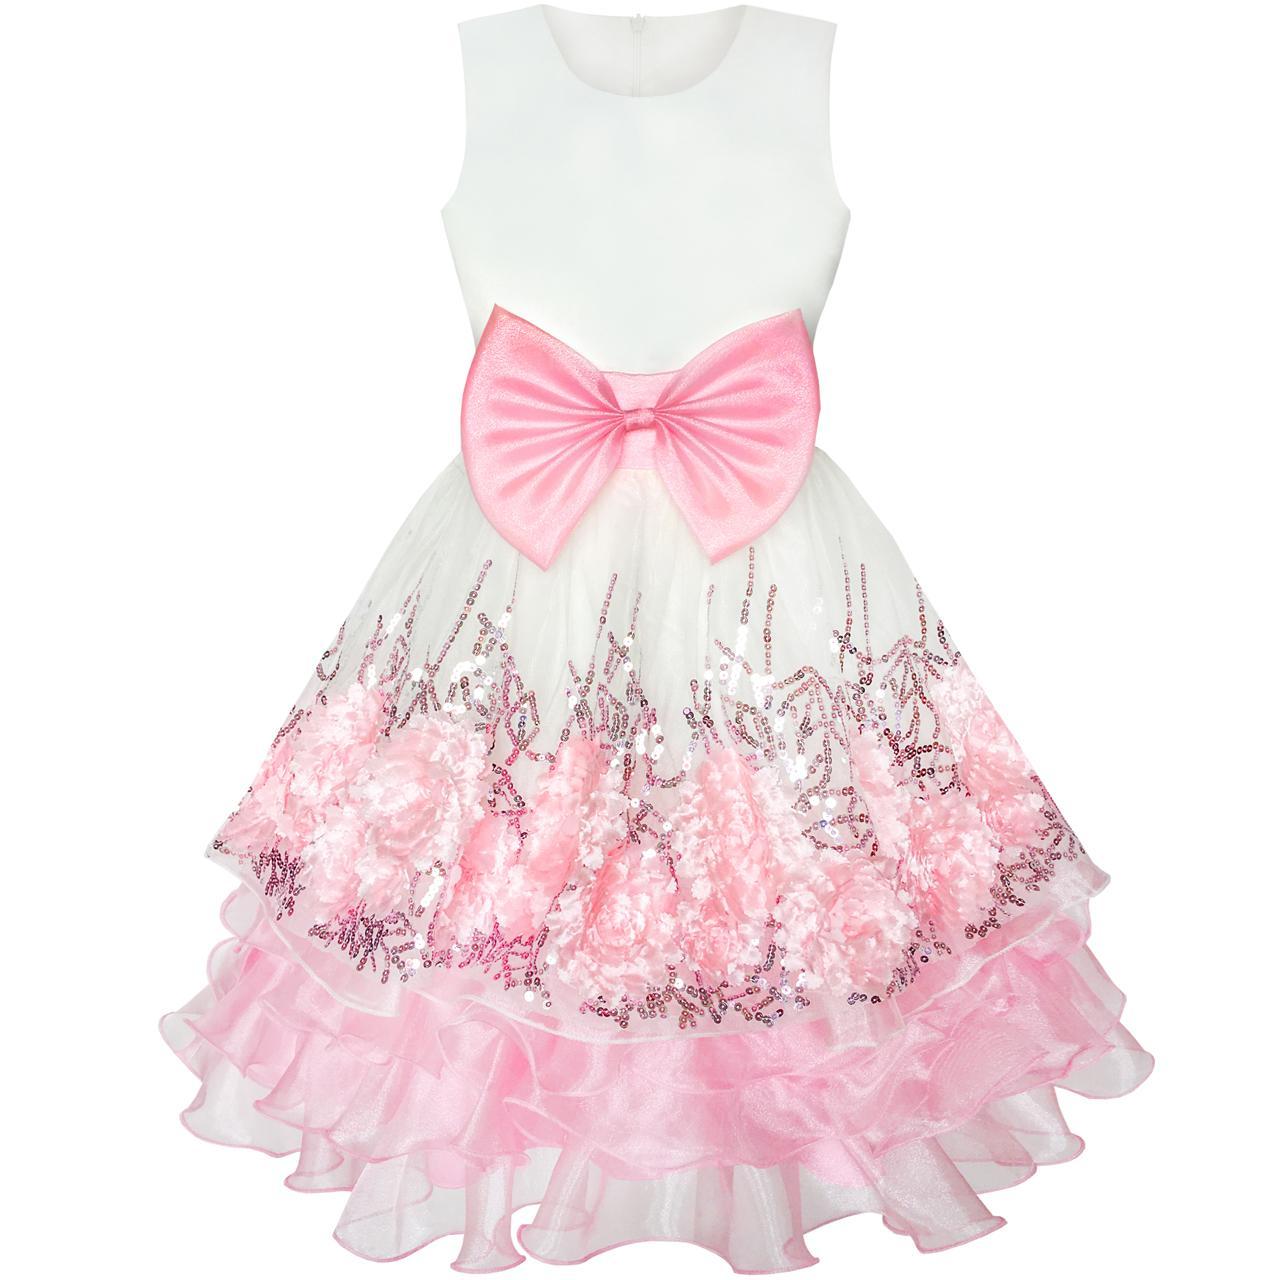 Sunny Fashion платья для девочек Цветок Розовый Цехин Размерный Цветы Лук Наконечник Карнавальное шествие